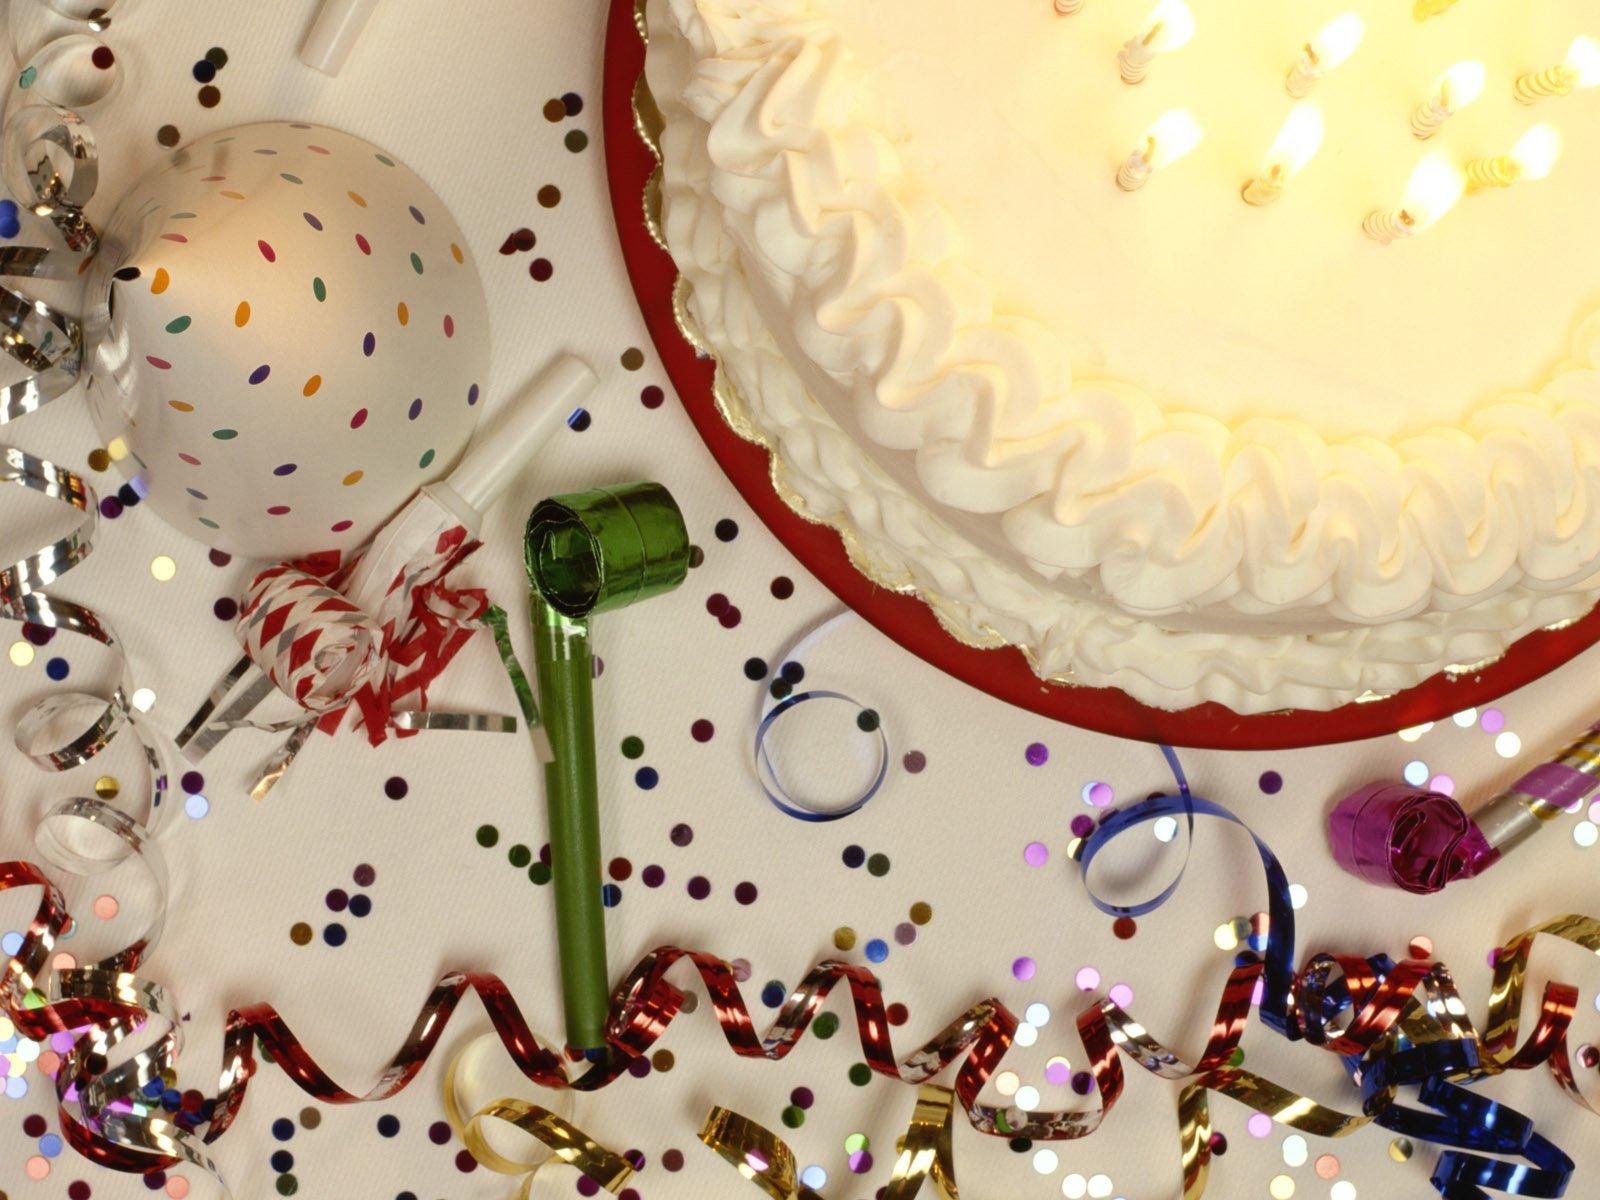 http://4.bp.blogspot.com/-wVTgtb8iAuA/UGyF61rAypI/AAAAAAAAAkQ/GmrMu5F7Yck/s1600/Birthday+Wishes-3.jpg